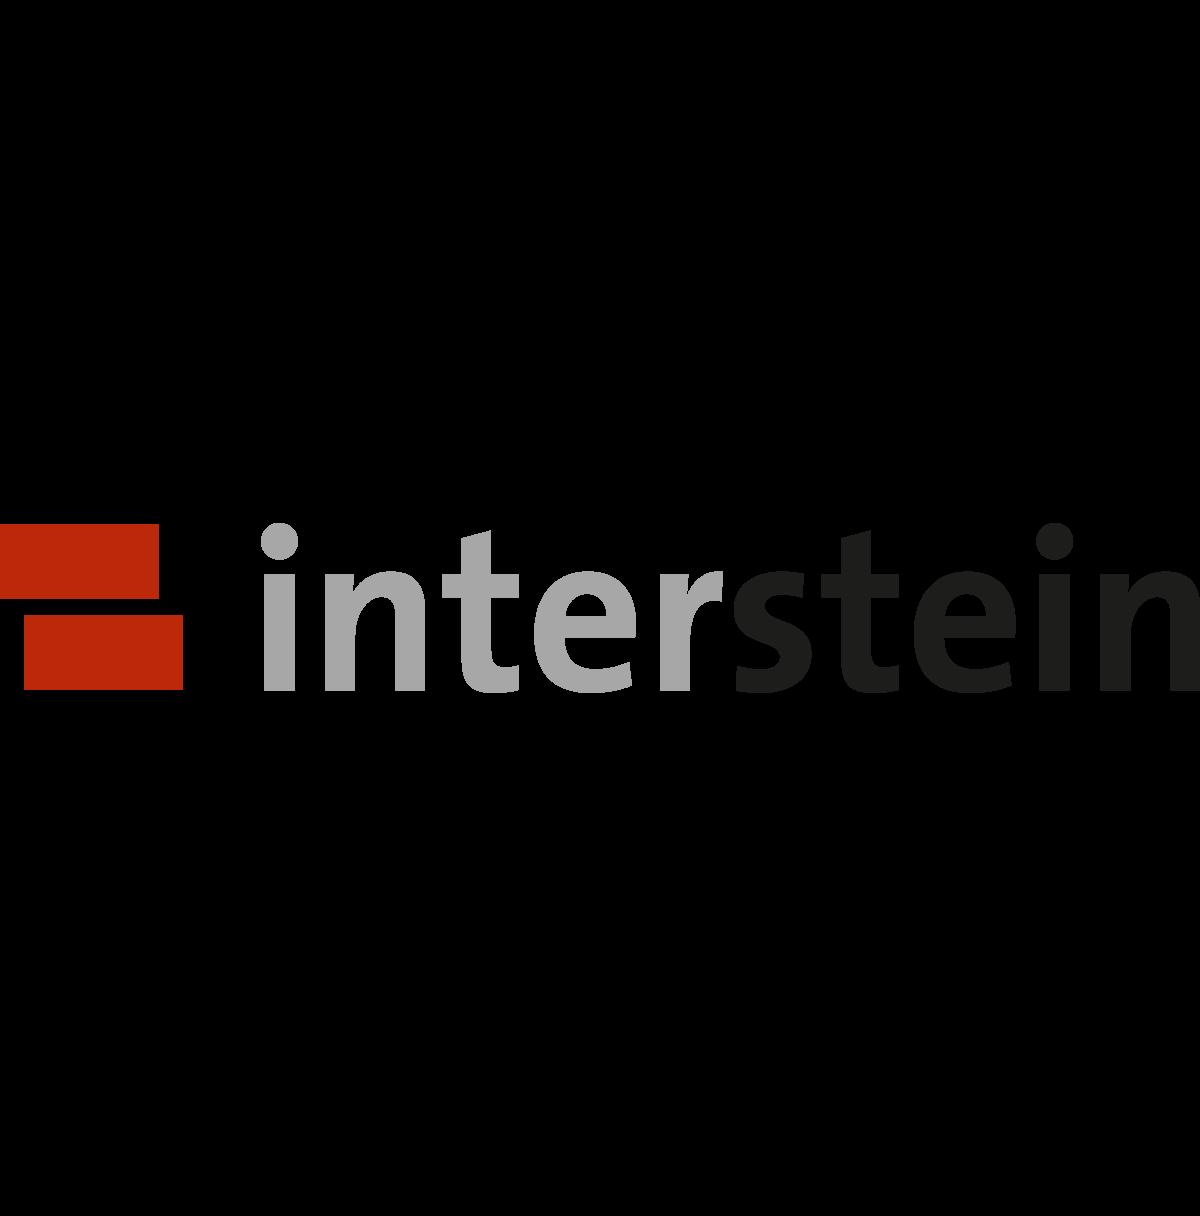 Interstein